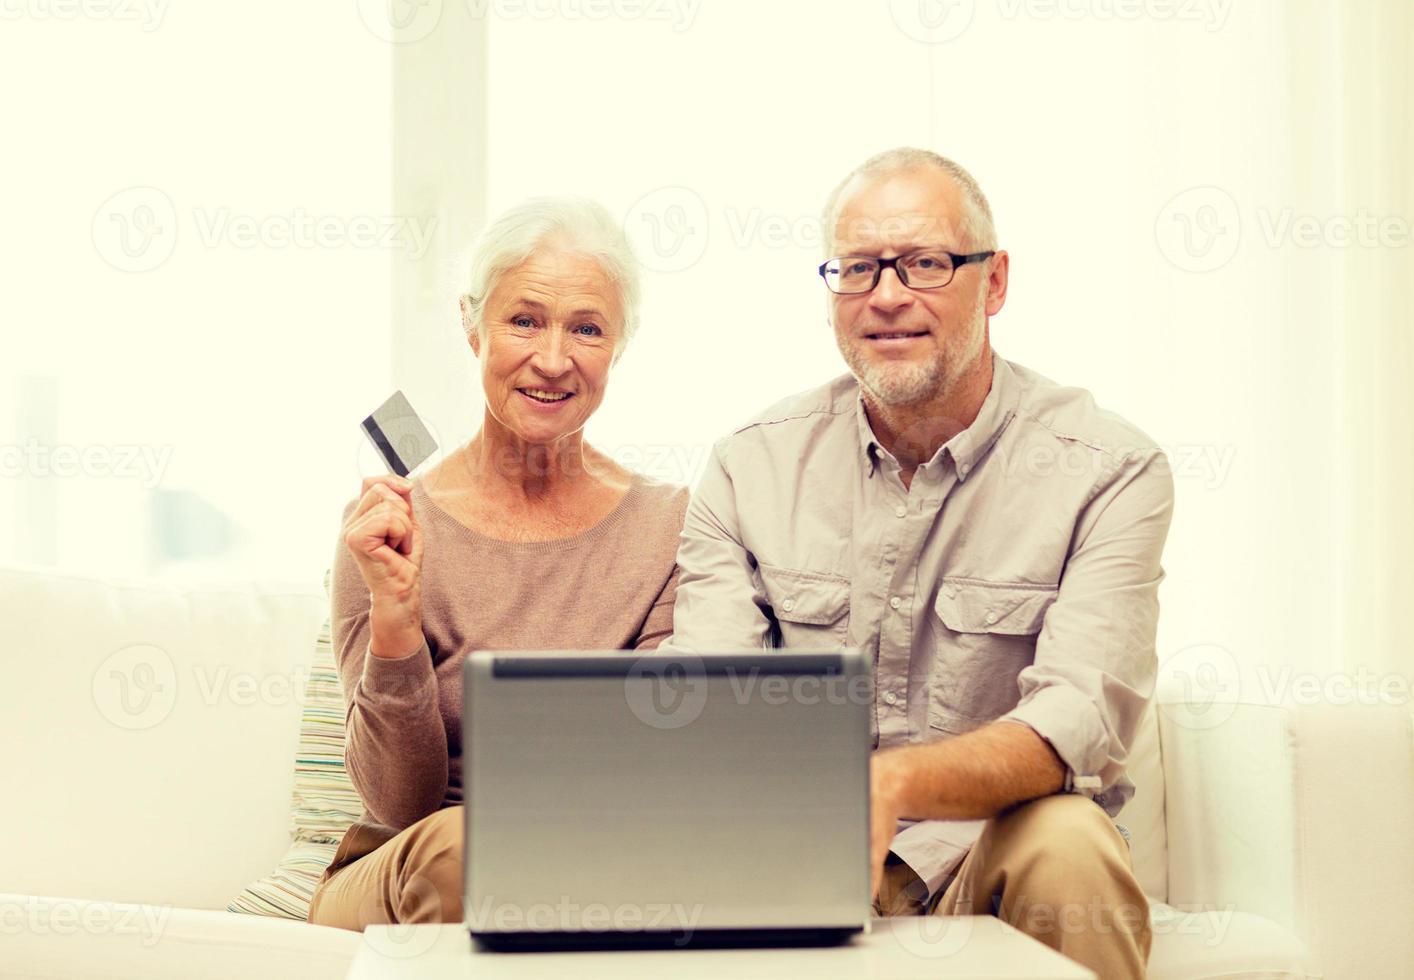 feliz casal sênior com laptop e cartão de crédito foto